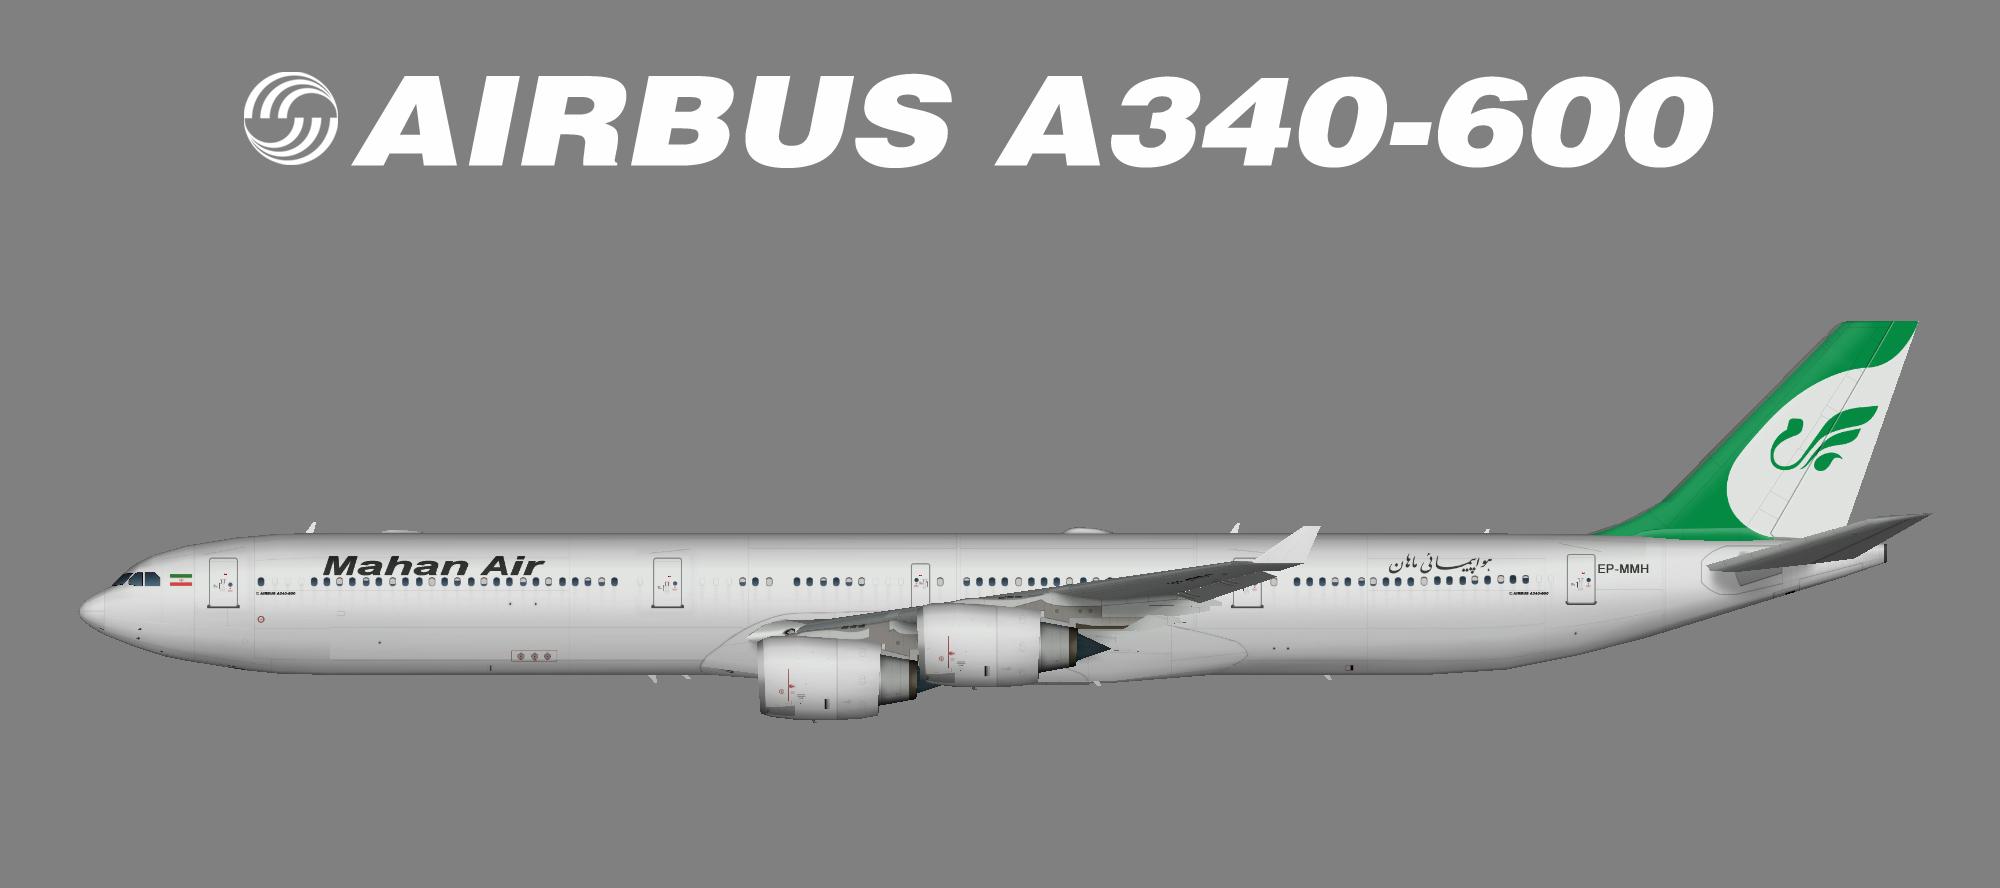 Mahan Air A340-600